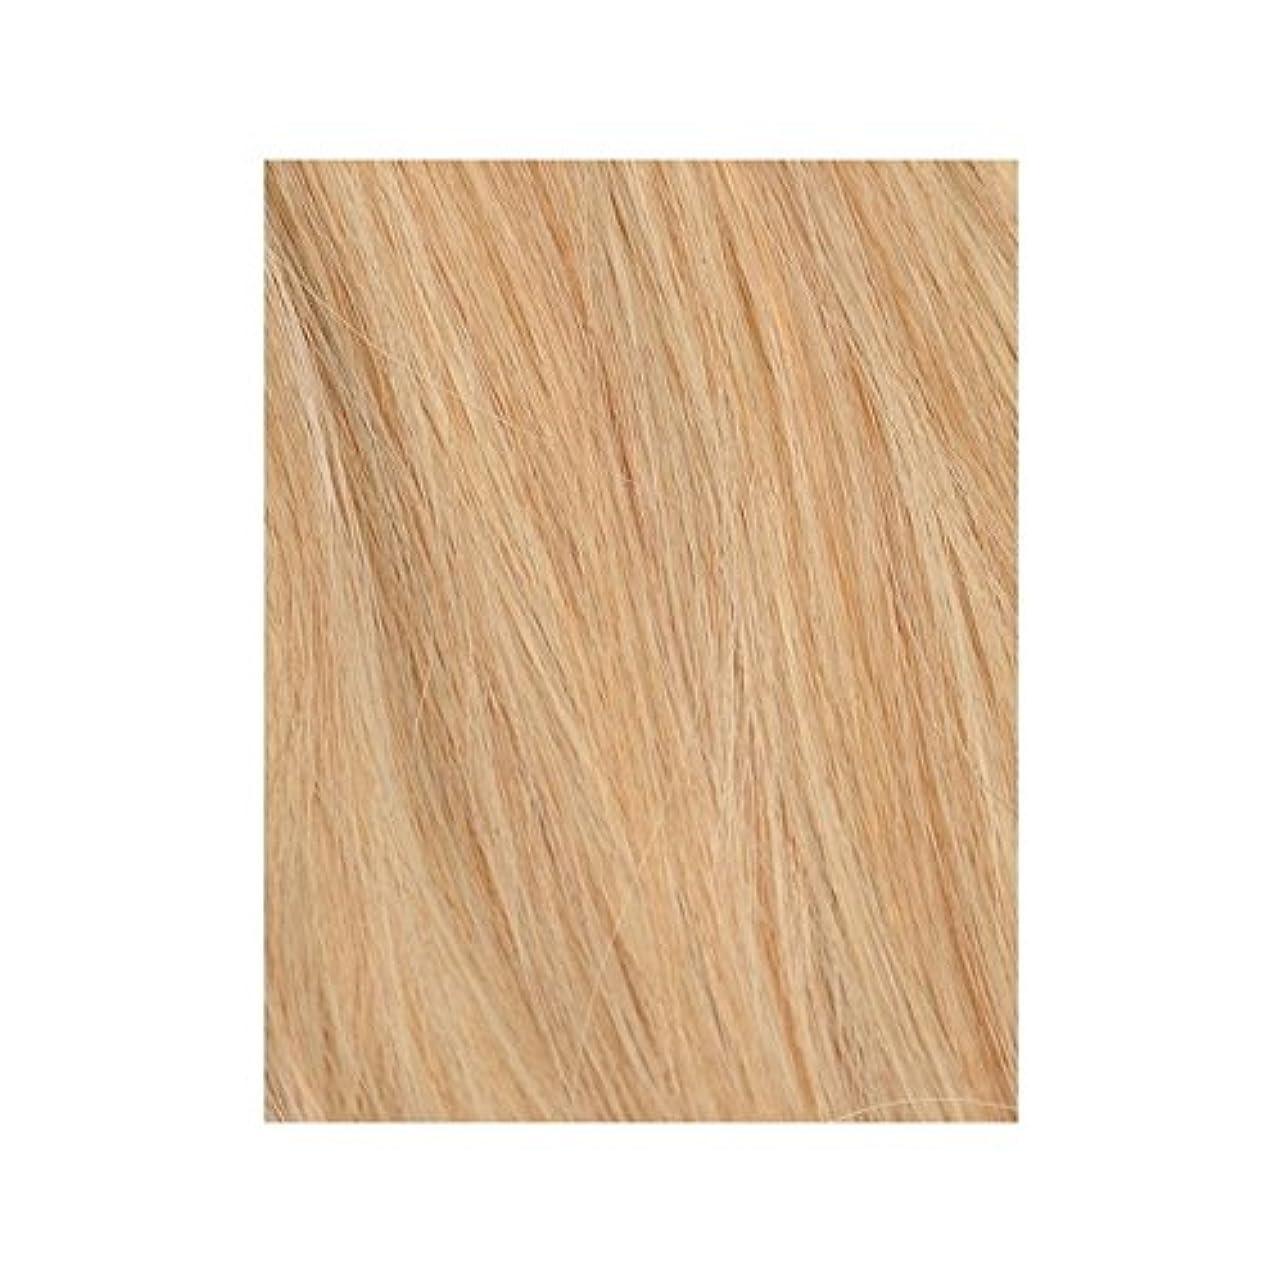 平行変色するたらいBeauty Works 100% Remy Colour Swatch Hair Extension - Boho Blonde 613/27 (Pack of 6) - 自由奔放に生きる金髪27分の613 - 美しさは、100%レミーの色見本ヘアエクステンションの作品 x6 [並行輸入品]